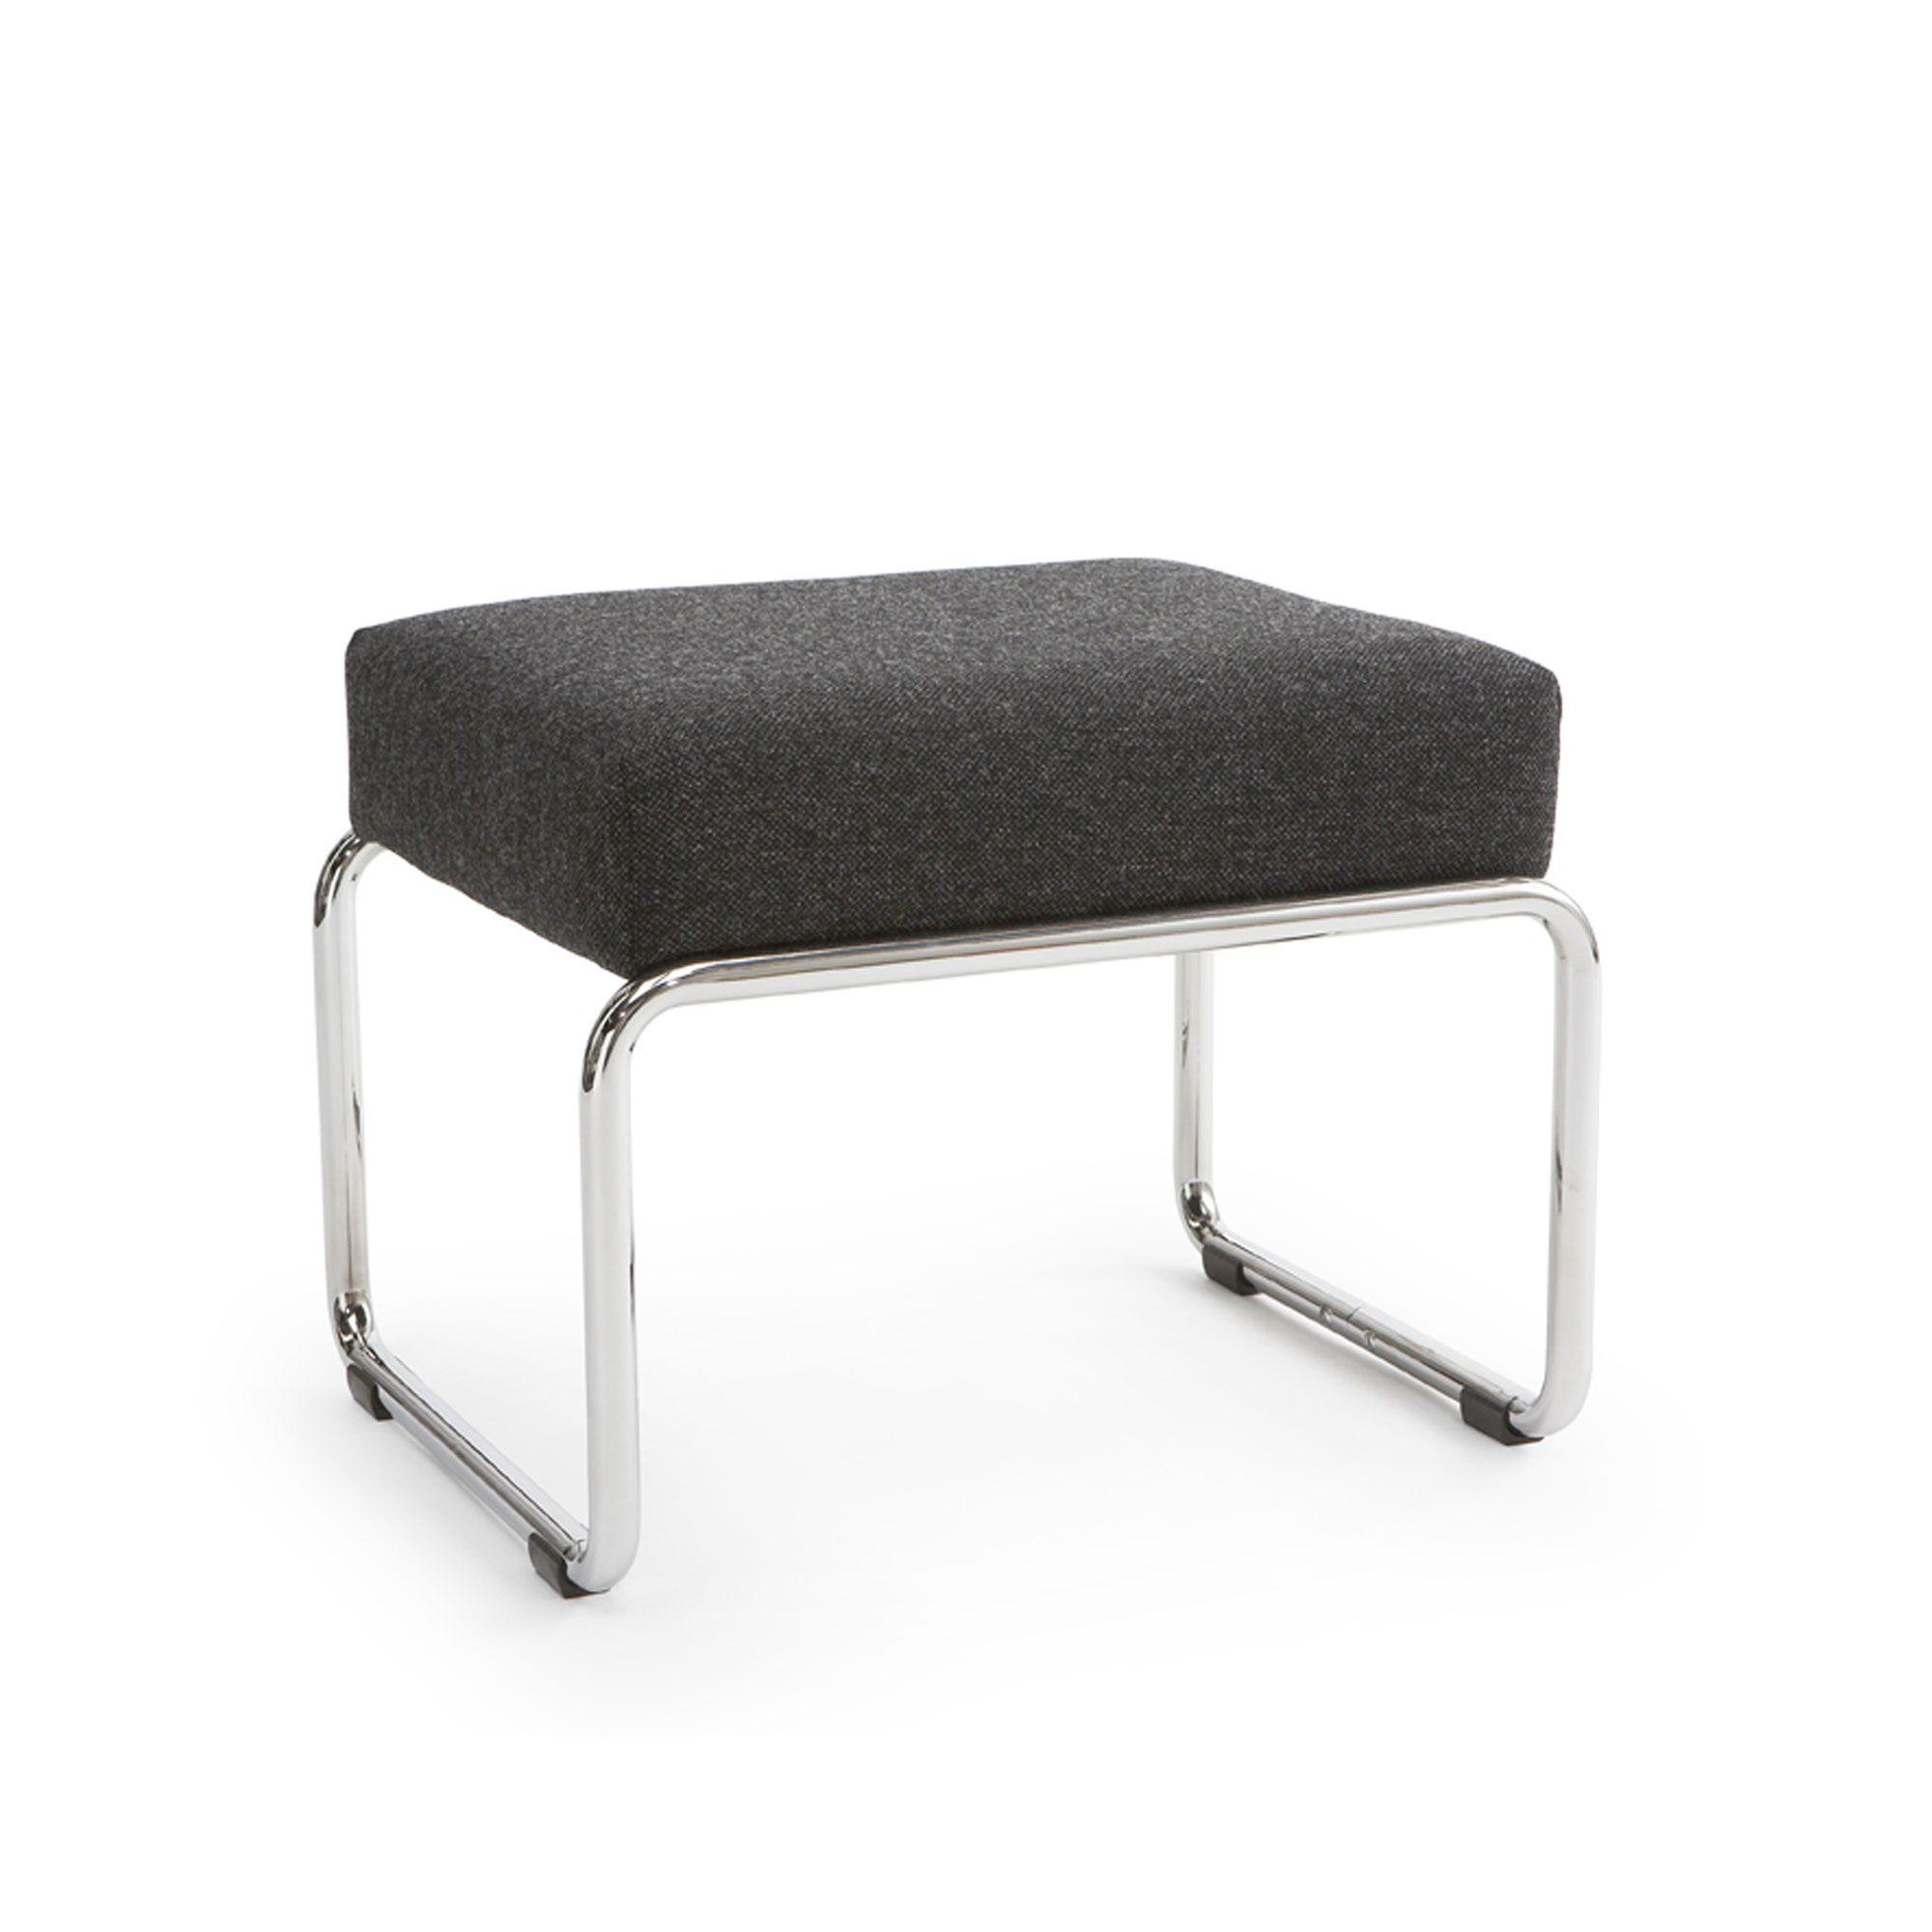 omode-schweiz-möbel-zuhause-polstermöbel-designklassiker-embru-moserhocker-(1)